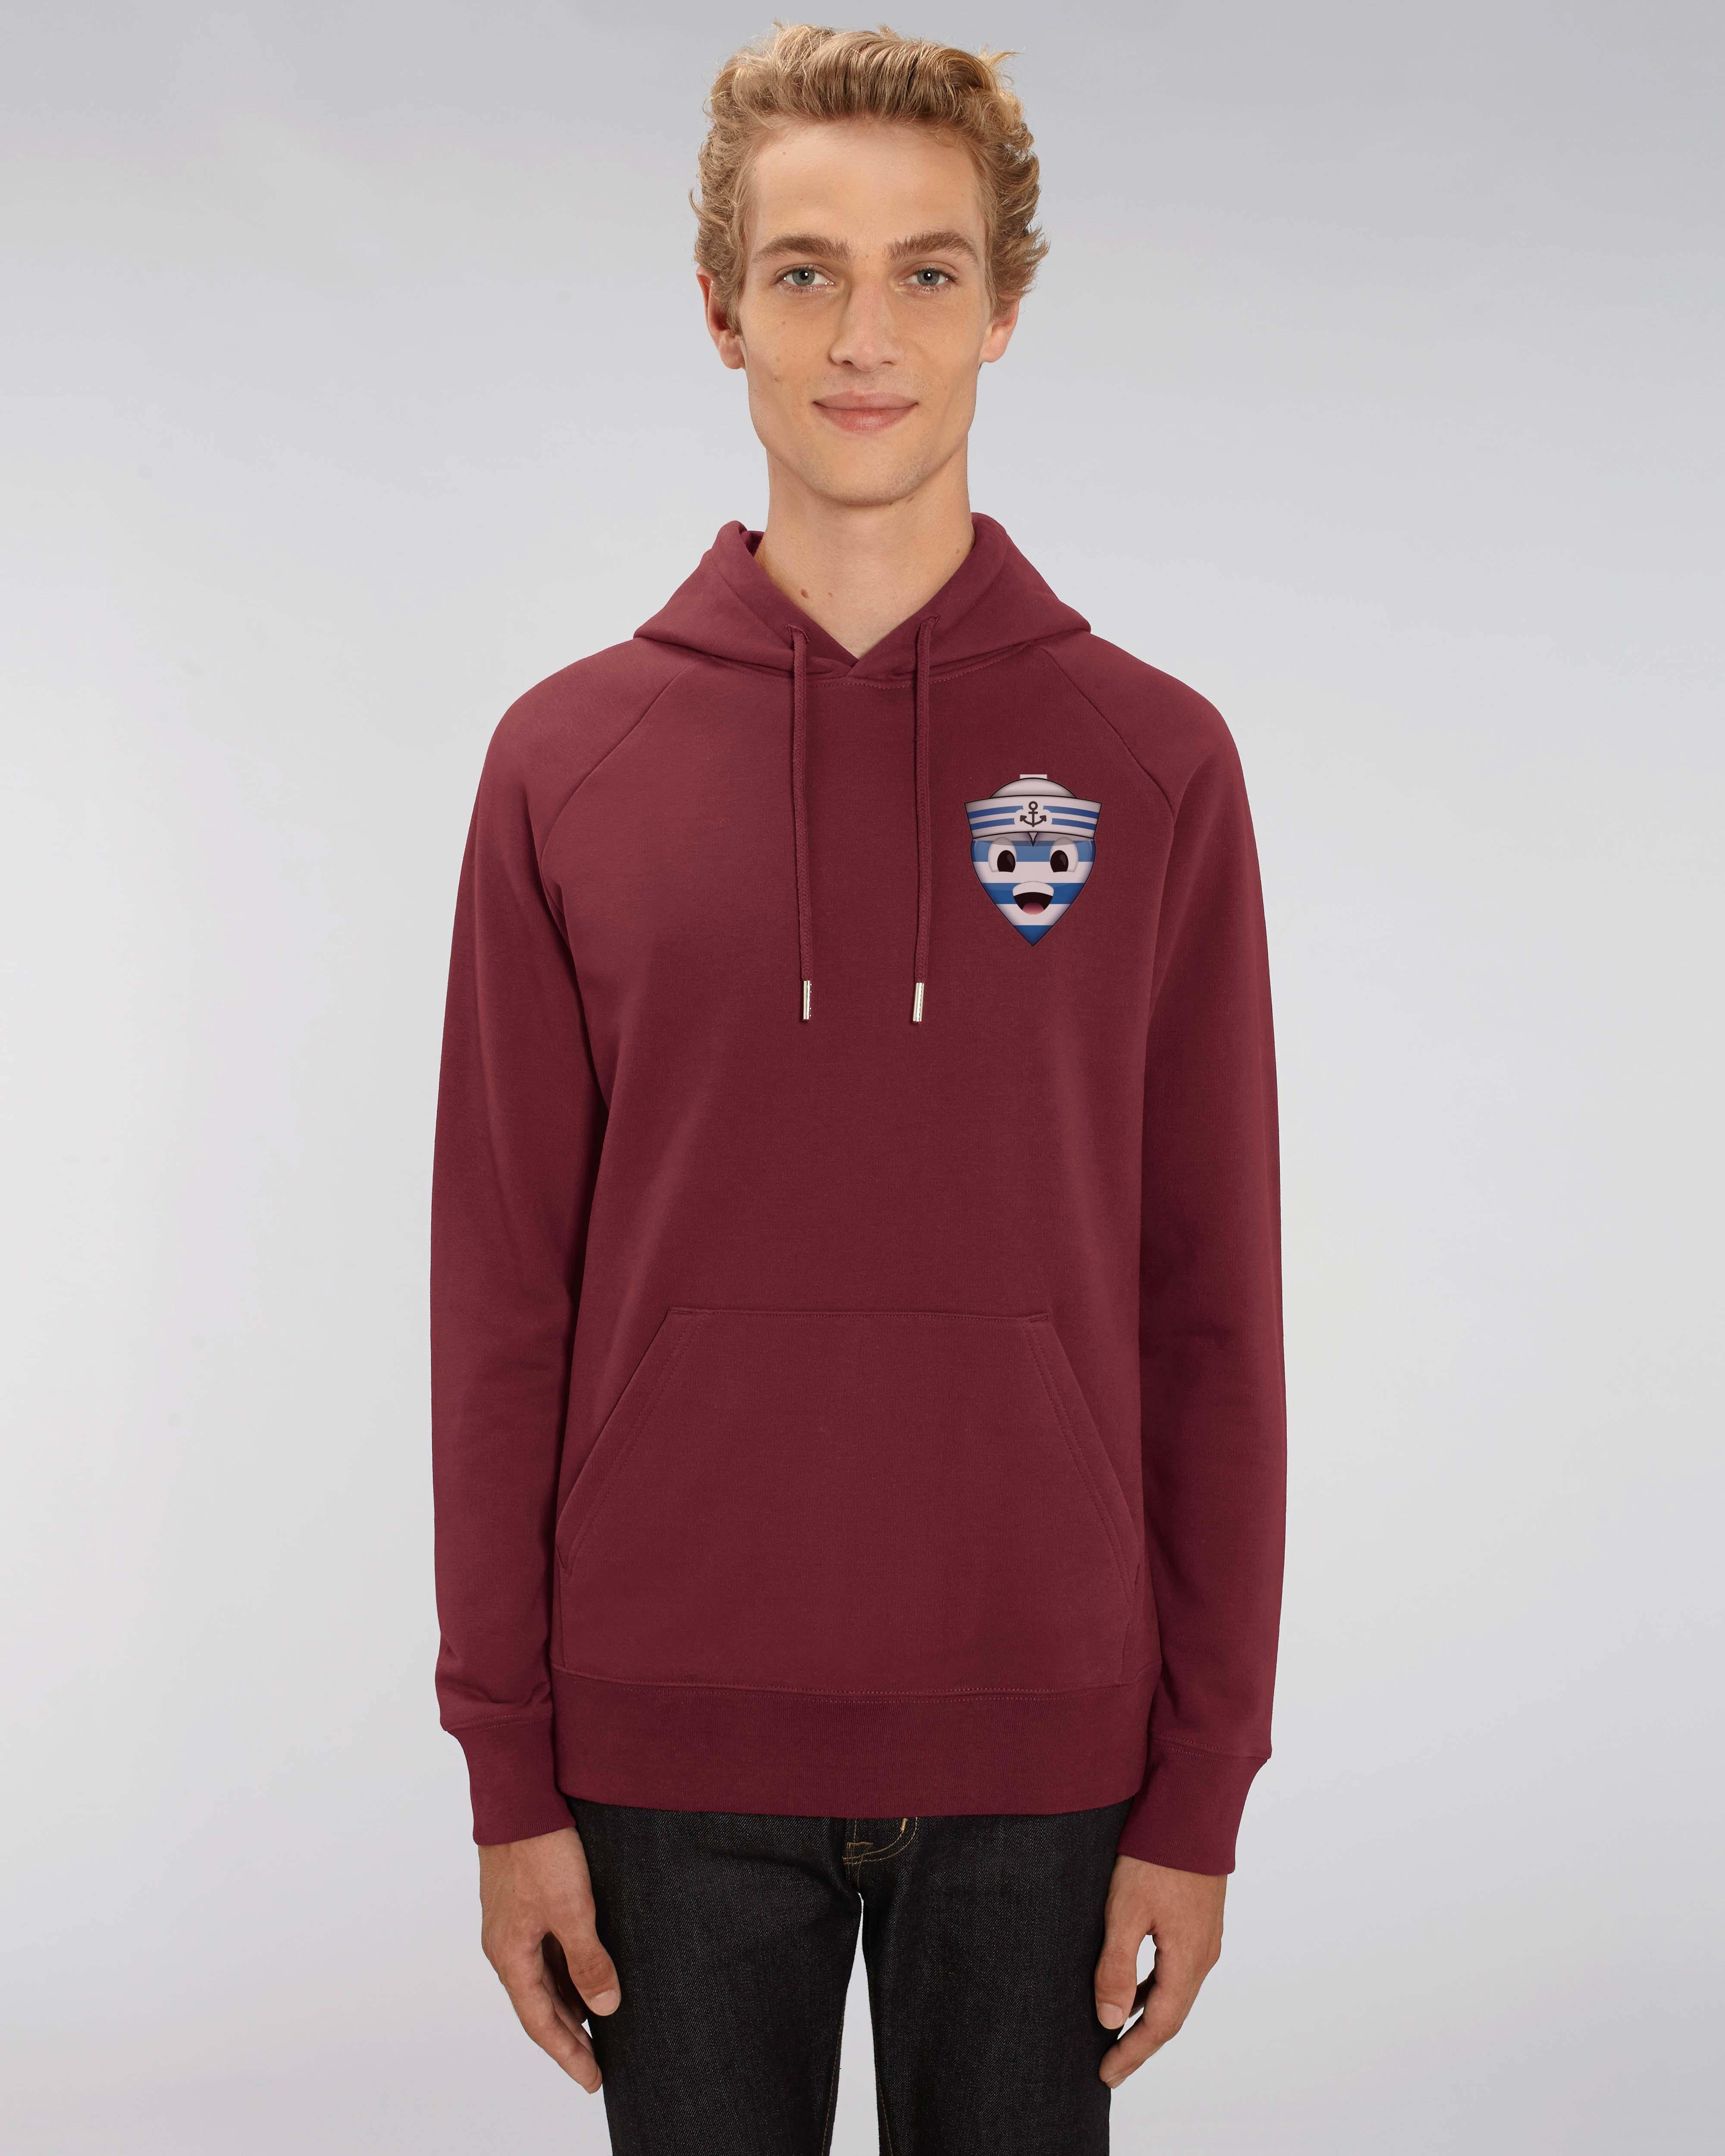 Sweat shirt à Capuche bordeaux homme - navy hoodie